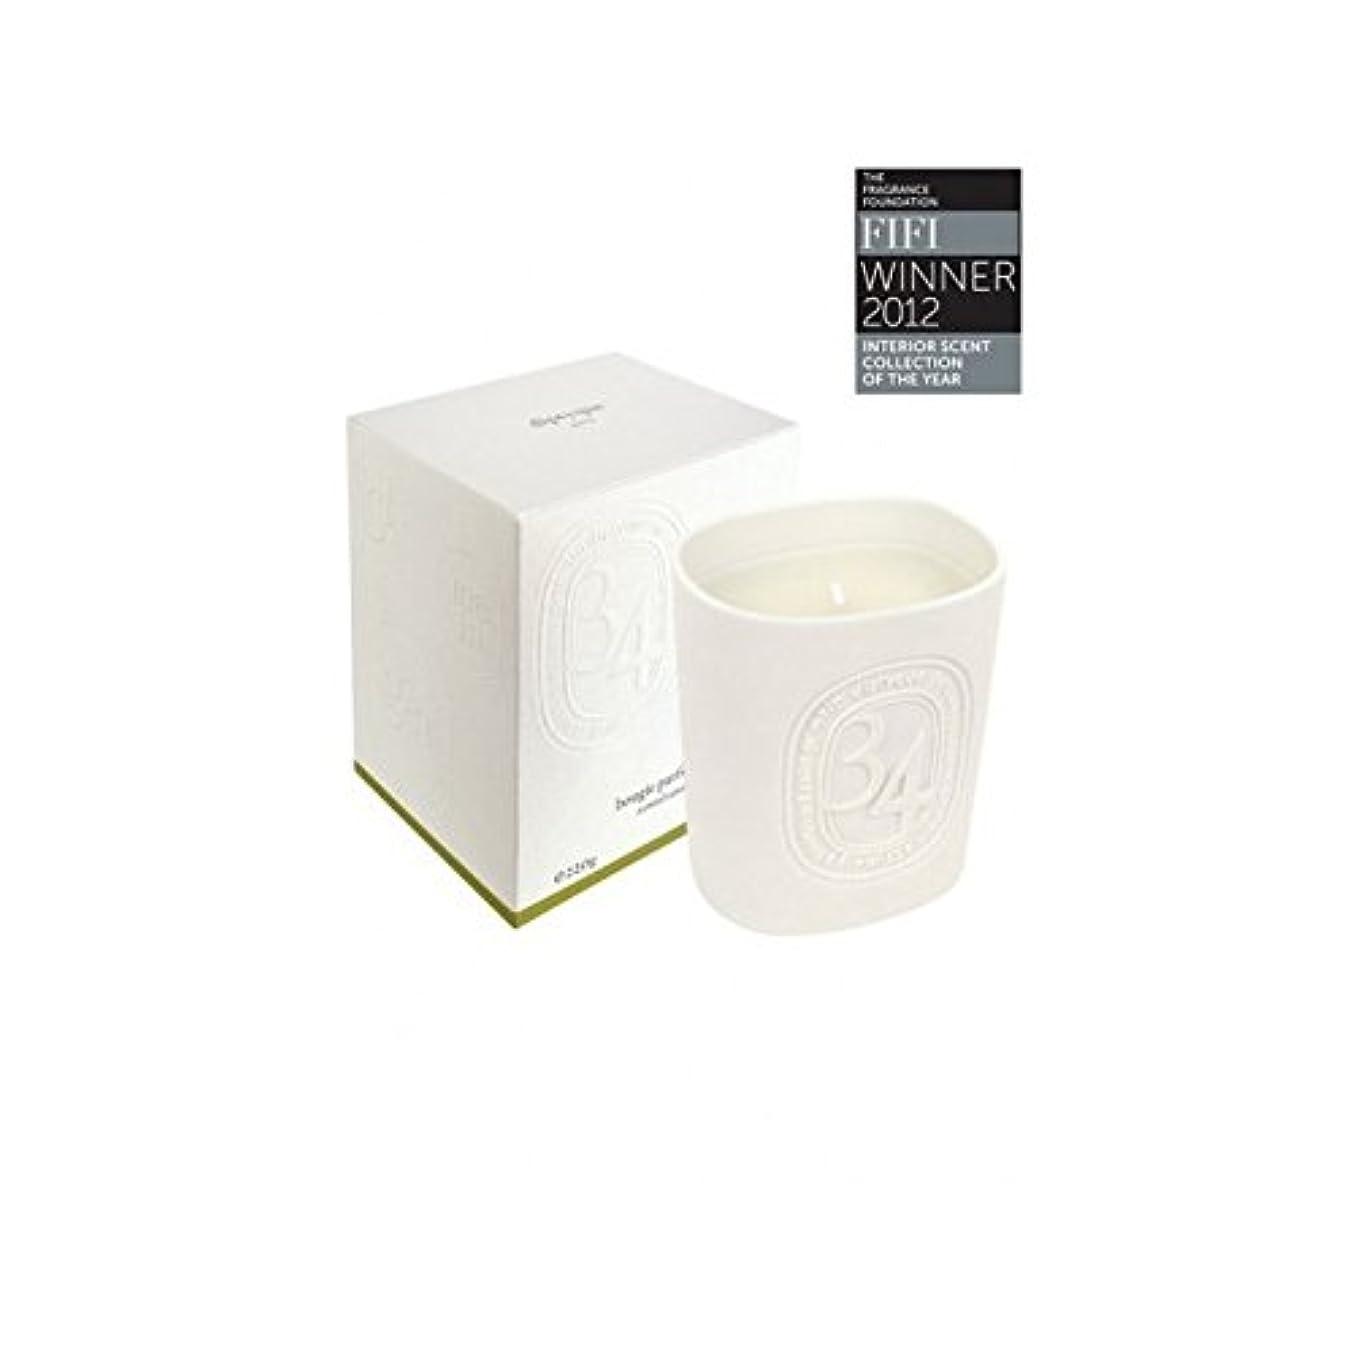 腸薄めるマニアックDiptyque Collection 34 Boulevard Saint Germain Candle 220g (Pack of 2) - Diptyqueコレクション34大通りサンジェルマンキャンドル220グラム...